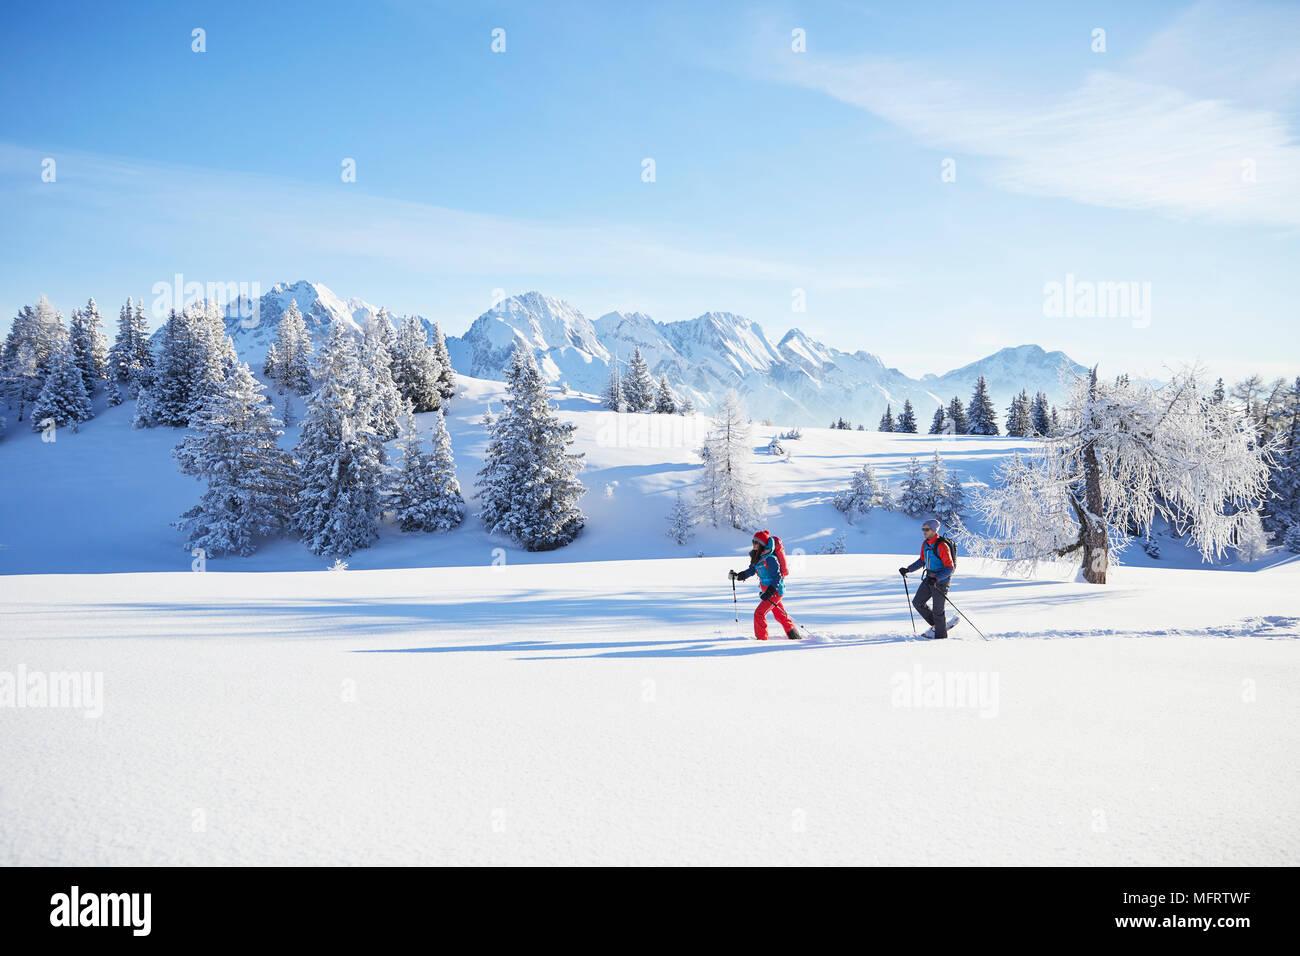 Raquettes, Randonnées en hiver paysage, Simmering Alm, Obsteig, Mieming, Tyrol, Autriche Photo Stock